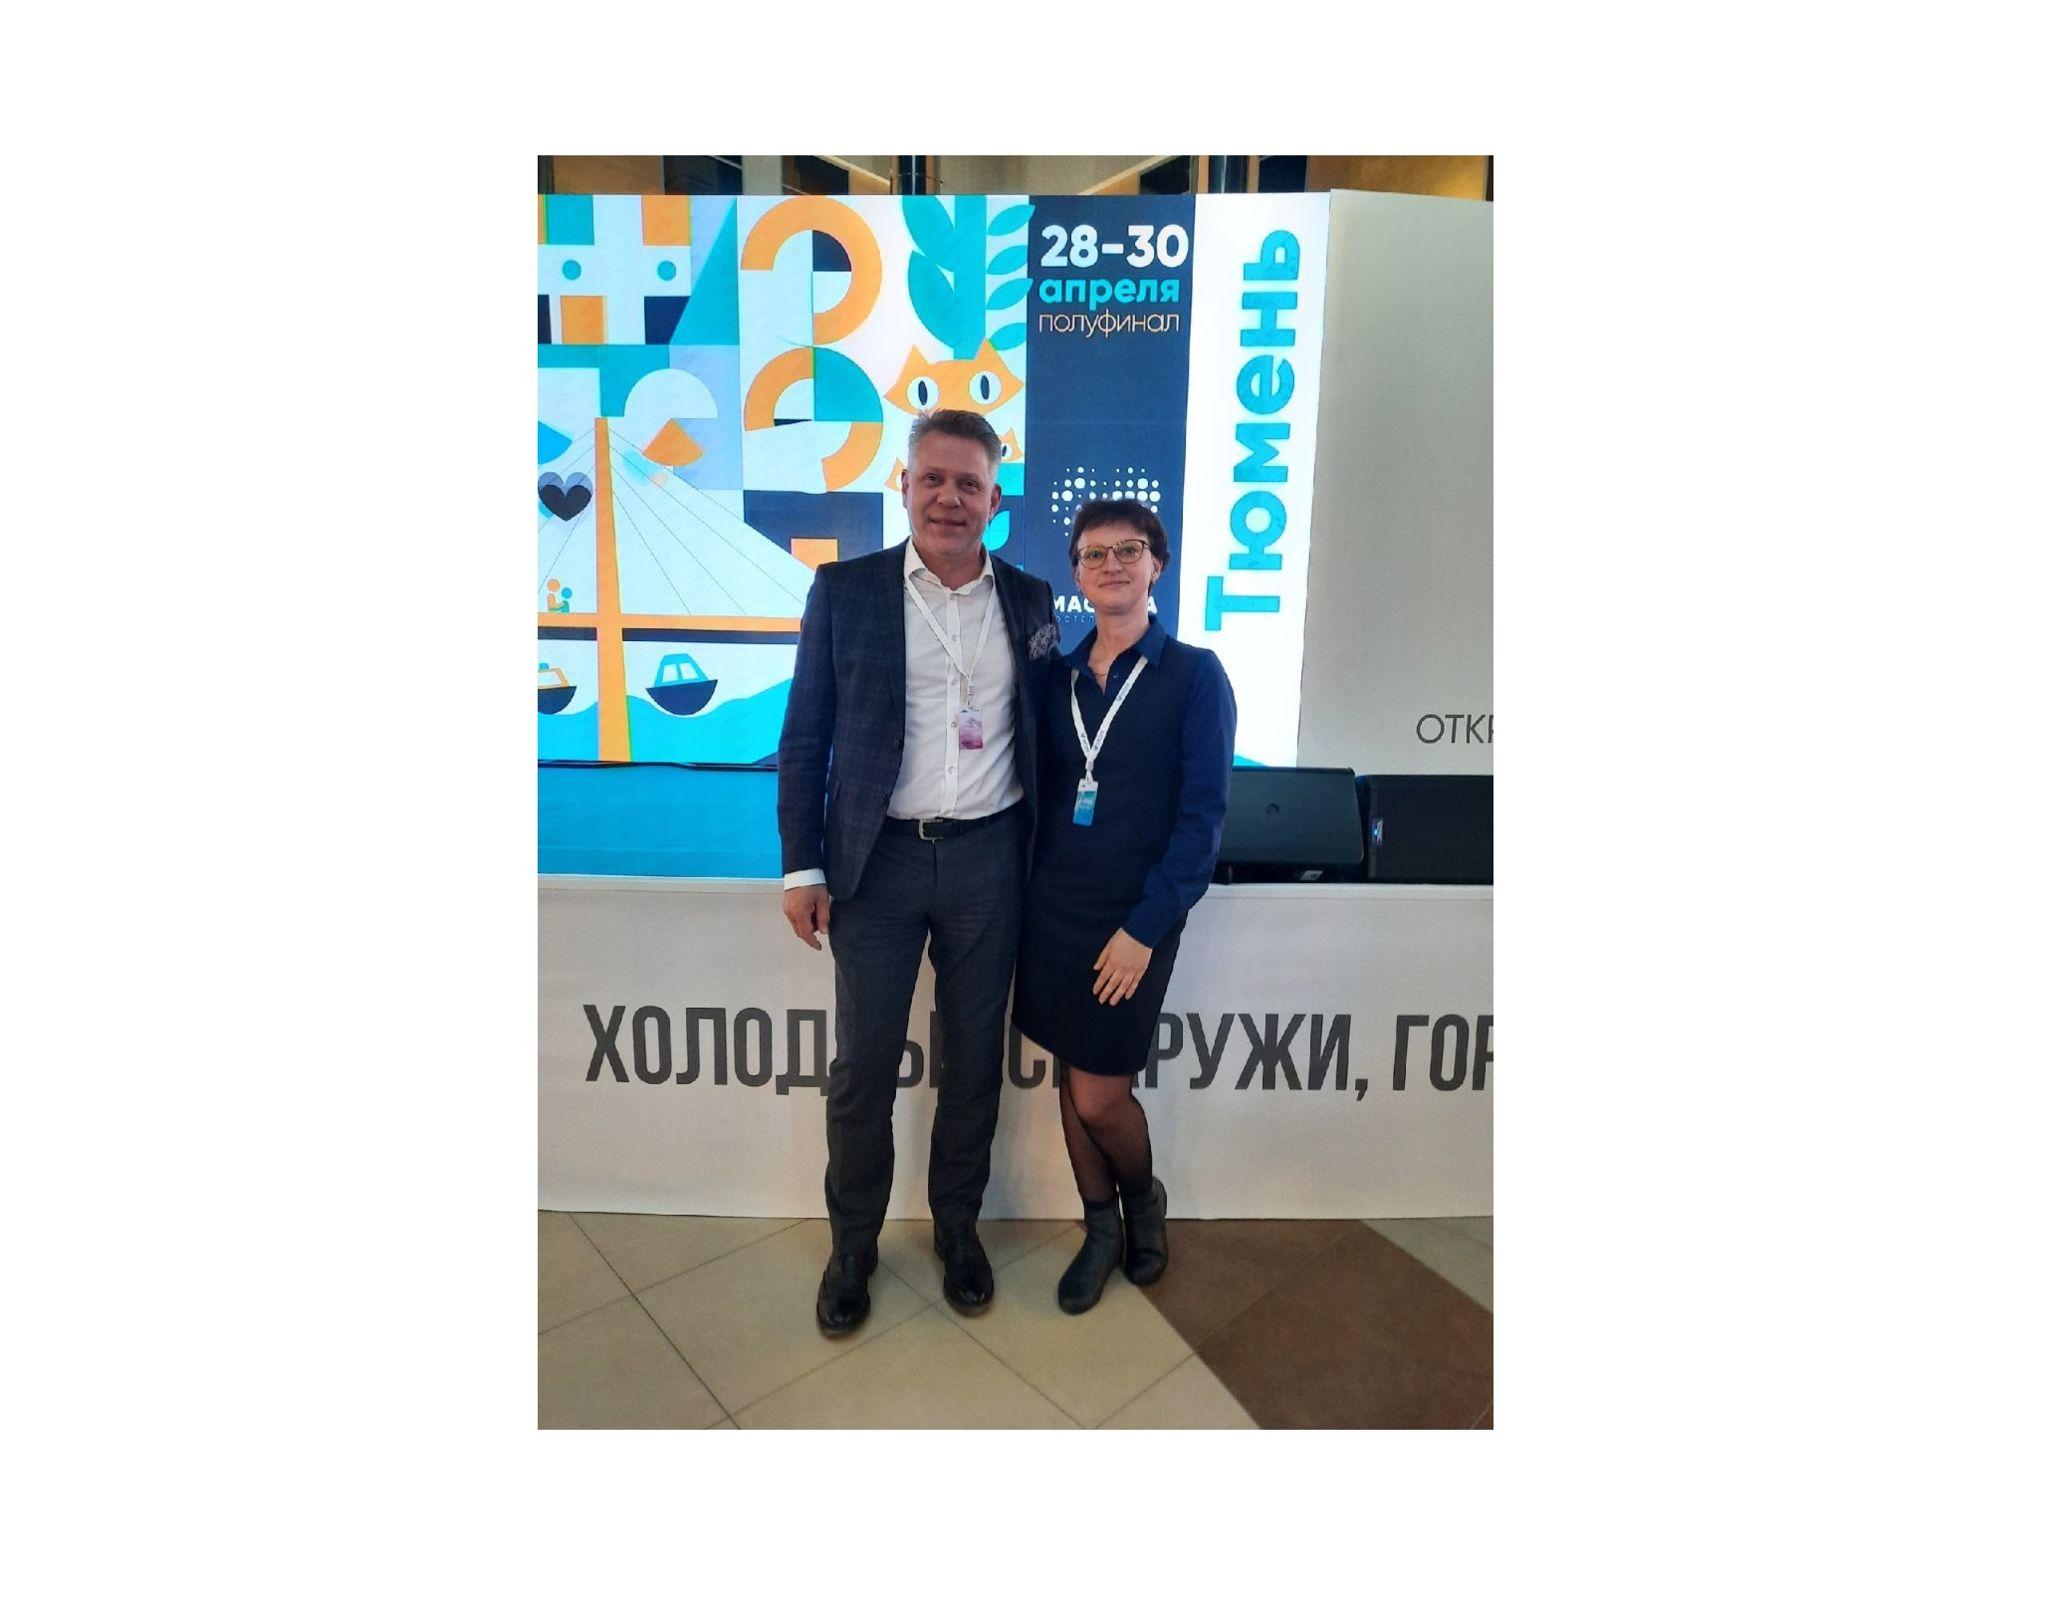 Ярославна Дарья Логунова прошла в финал всероссийского конкурса «Мастера гостеприимства»